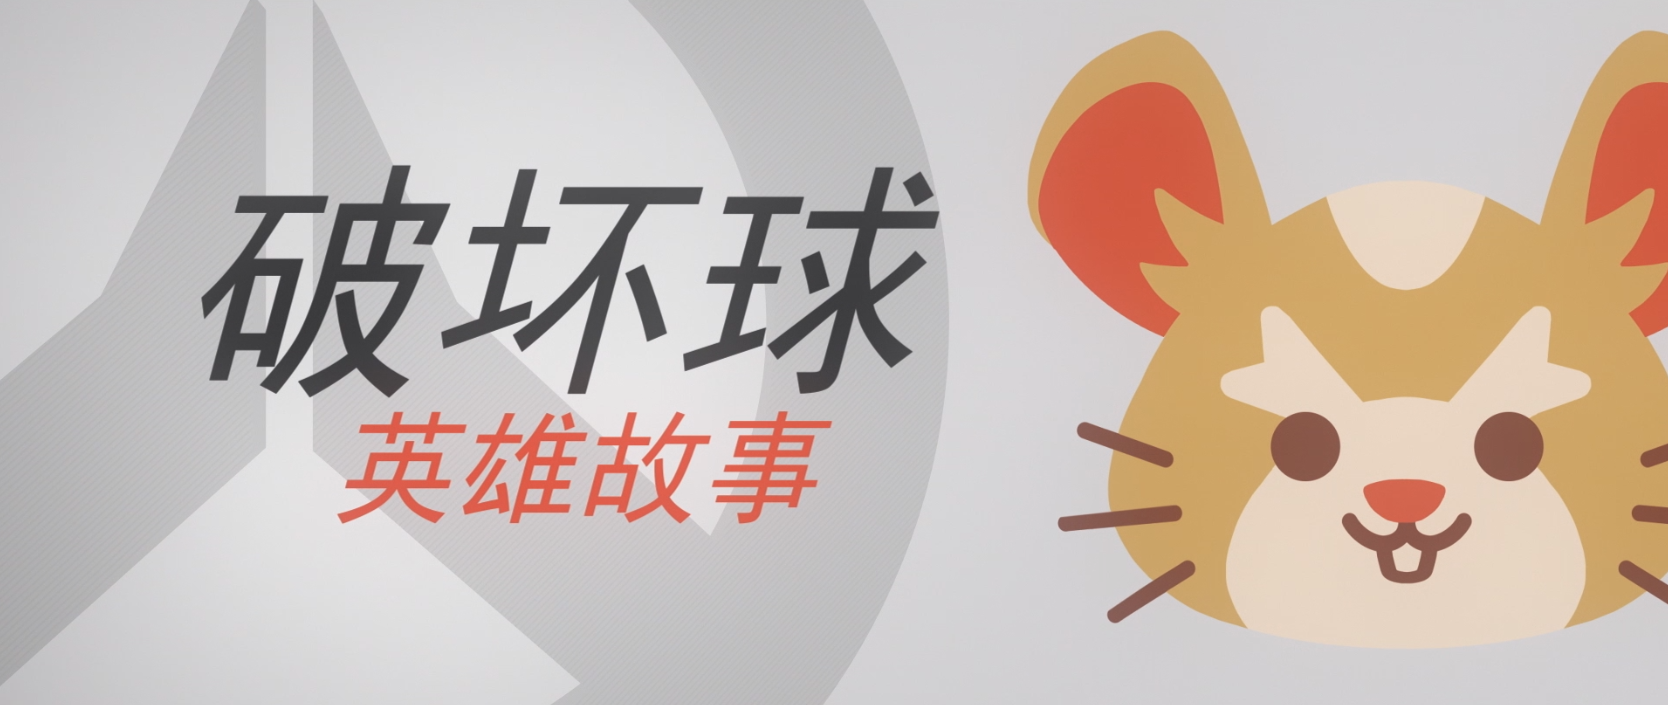 《守望先锋》第28号新英雄公布:萌萌的操控机甲仓鼠